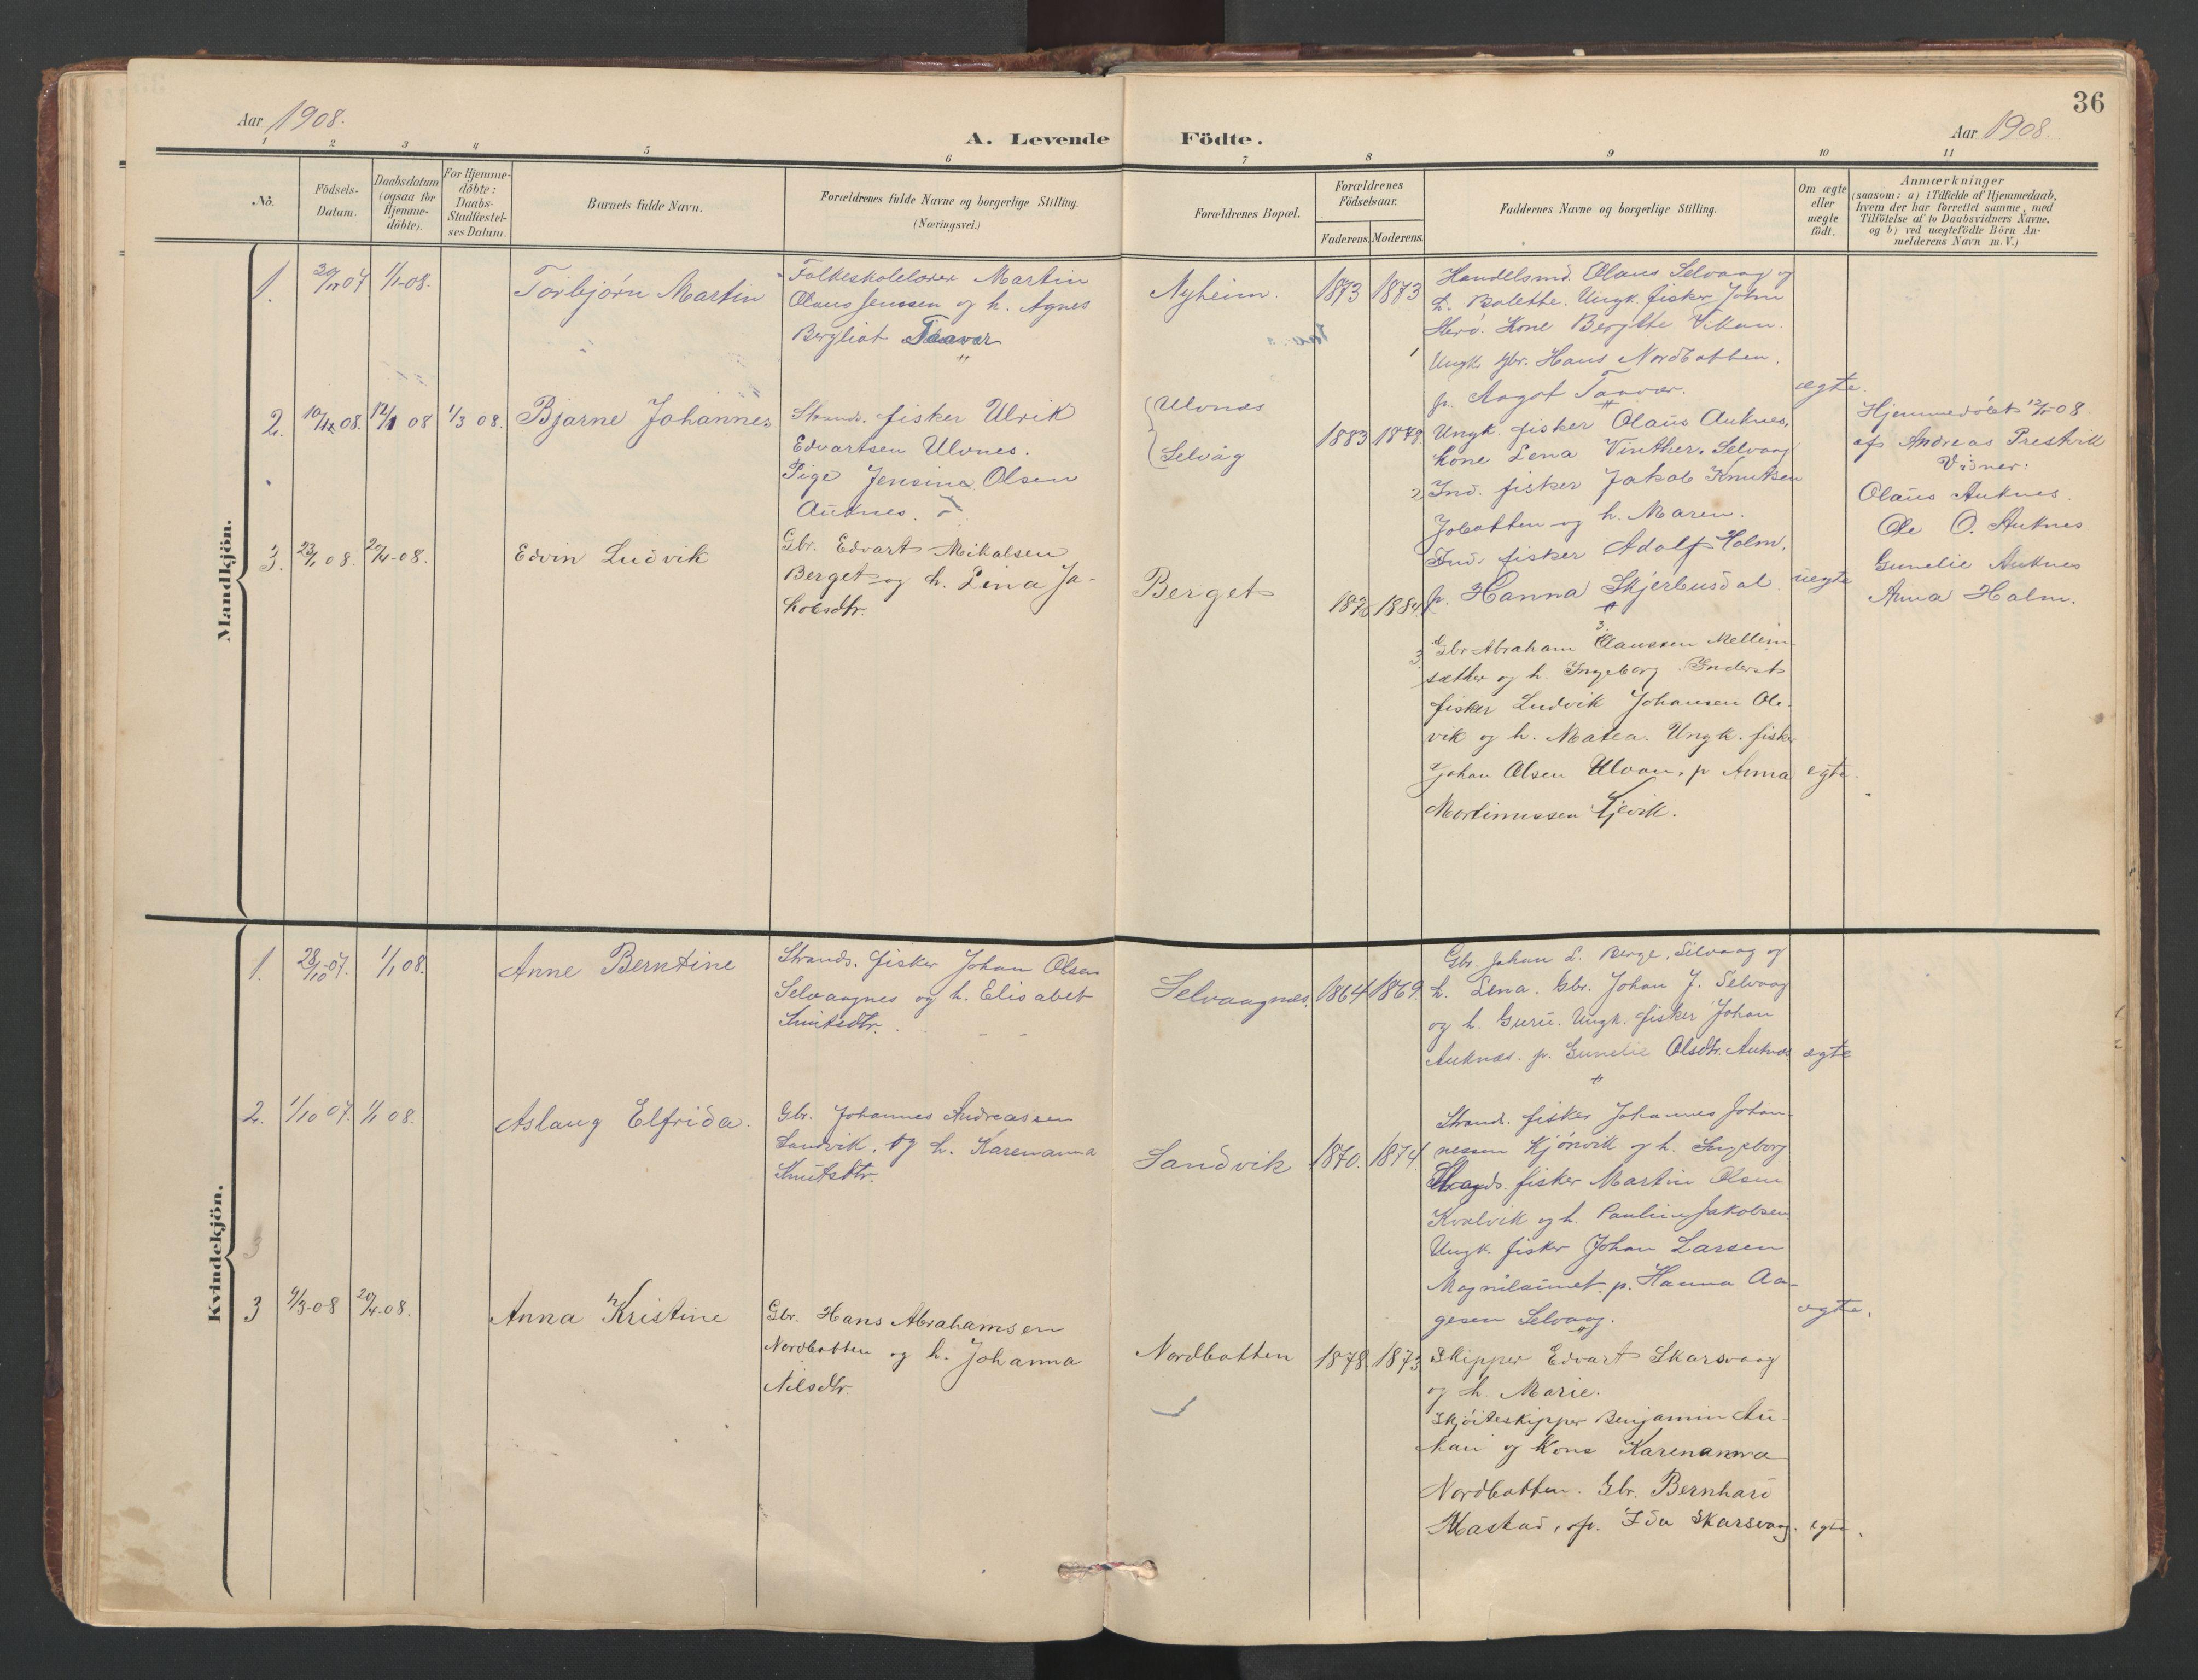 SAT, Ministerialprotokoller, klokkerbøker og fødselsregistre - Sør-Trøndelag, 638/L0571: Klokkerbok nr. 638C03, 1901-1930, s. 36